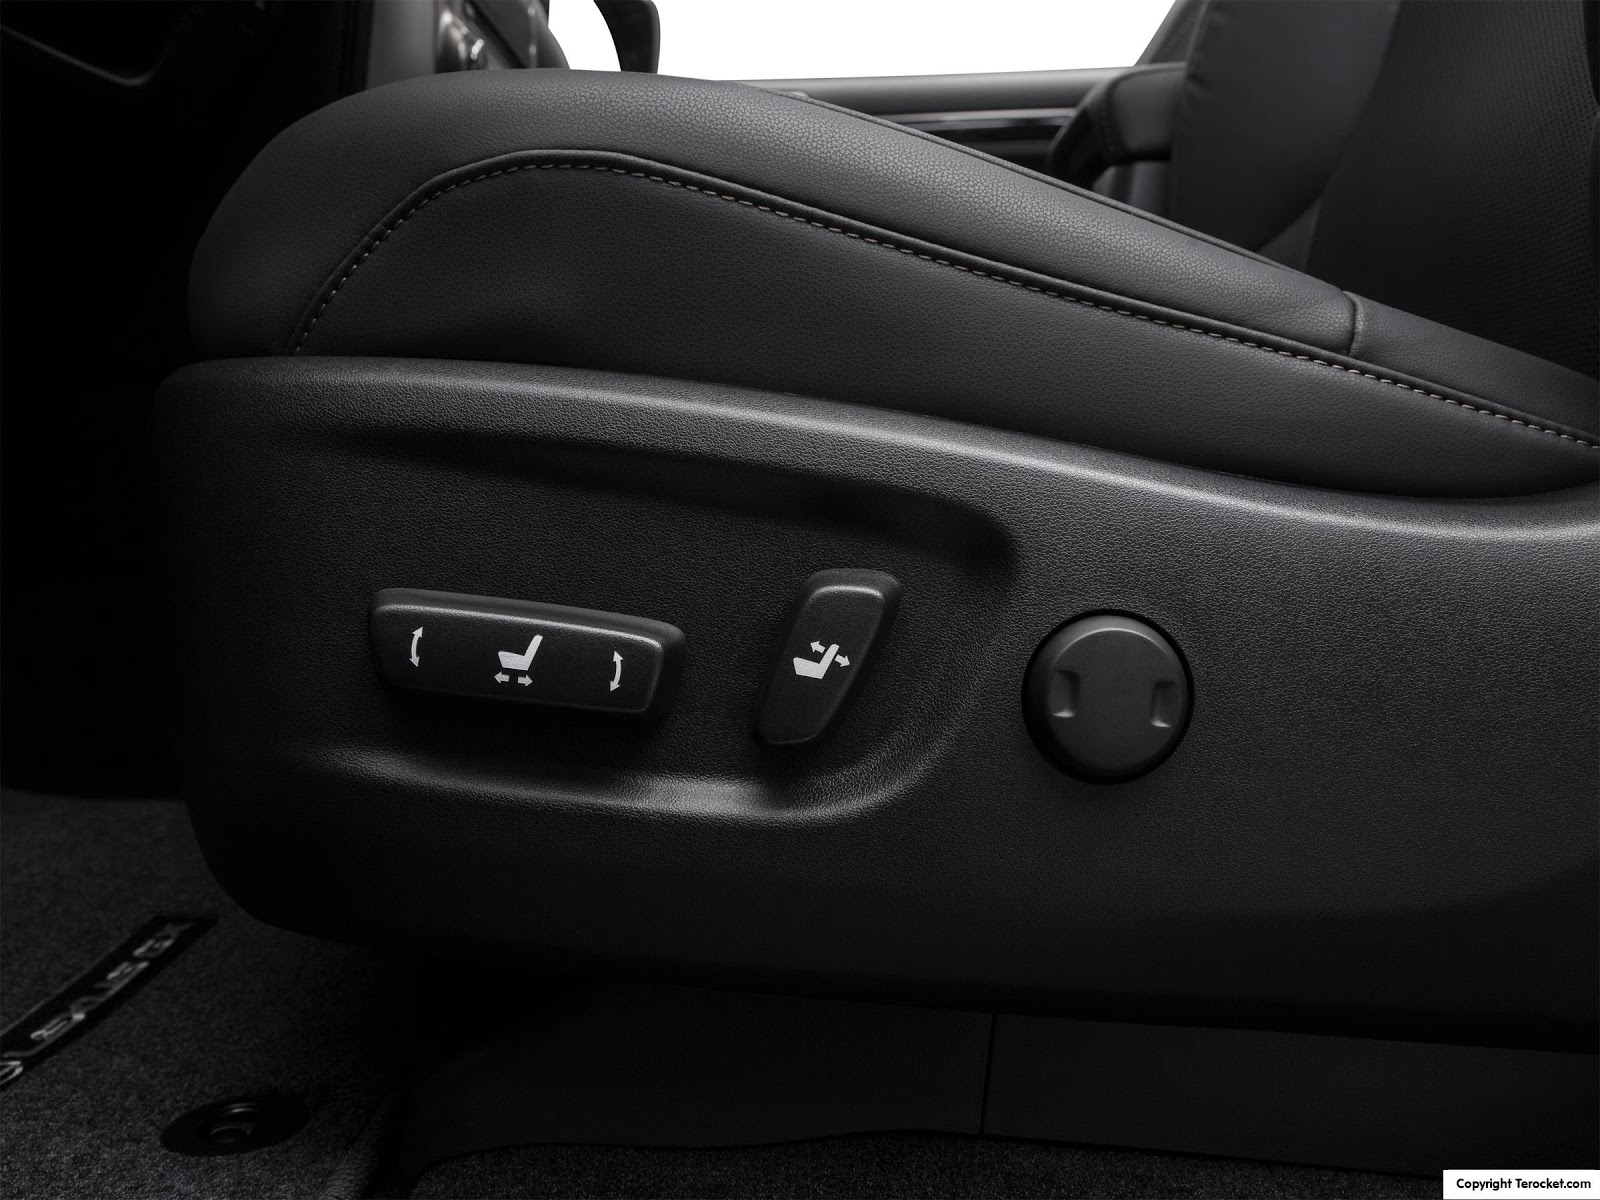 Ghế chỉnh điện, các chiều thoải mái, giúp ngồi sướng hơn, êm hơn